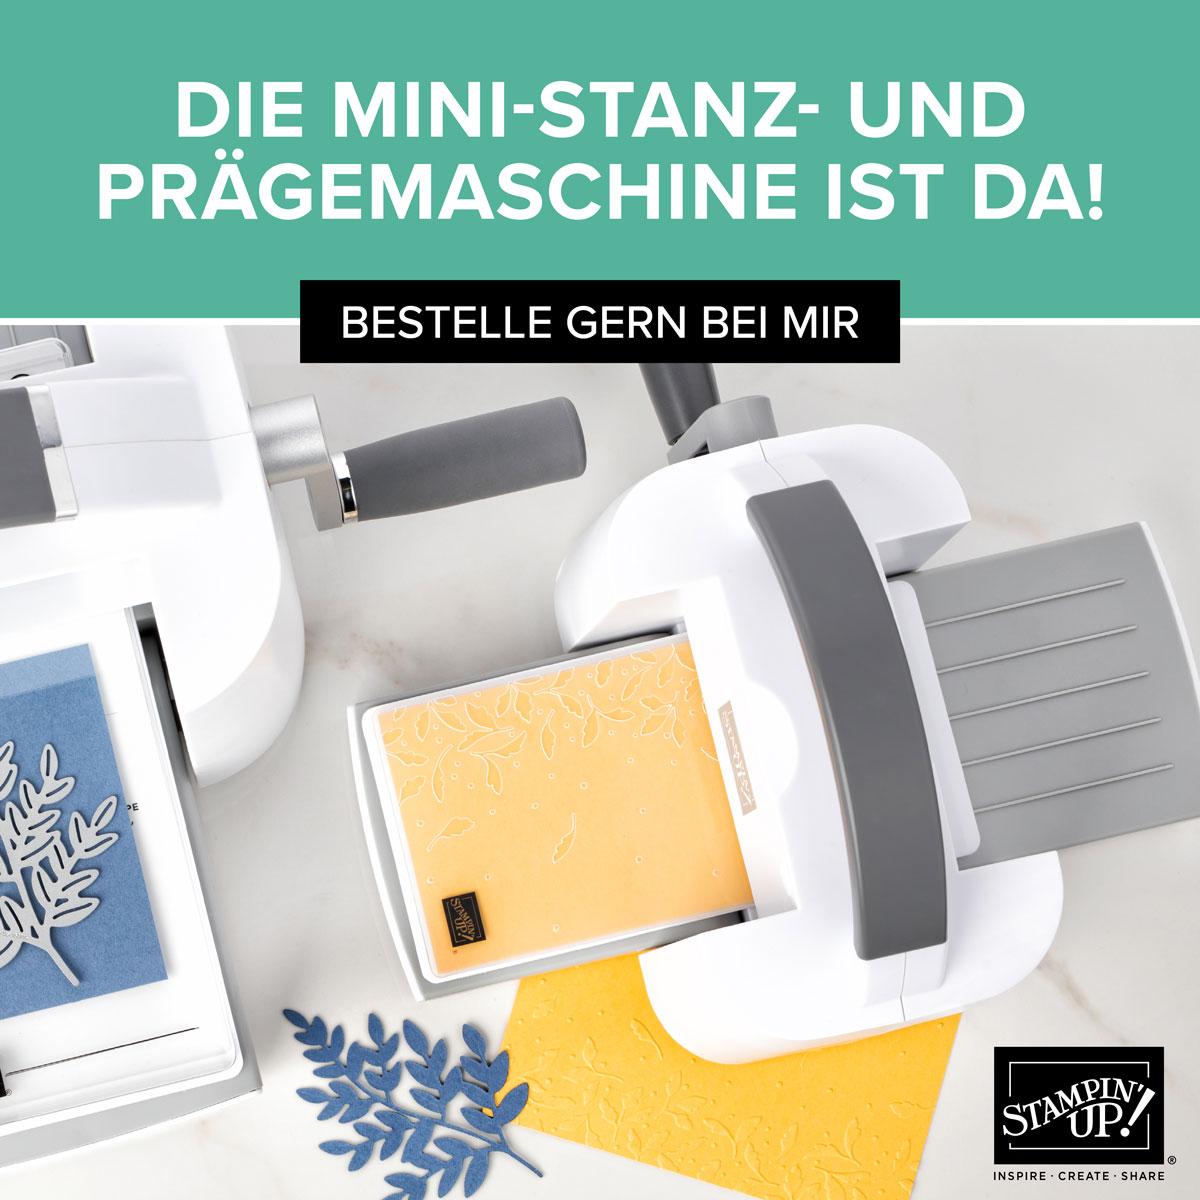 Mini Stanz- und Prägemaschine